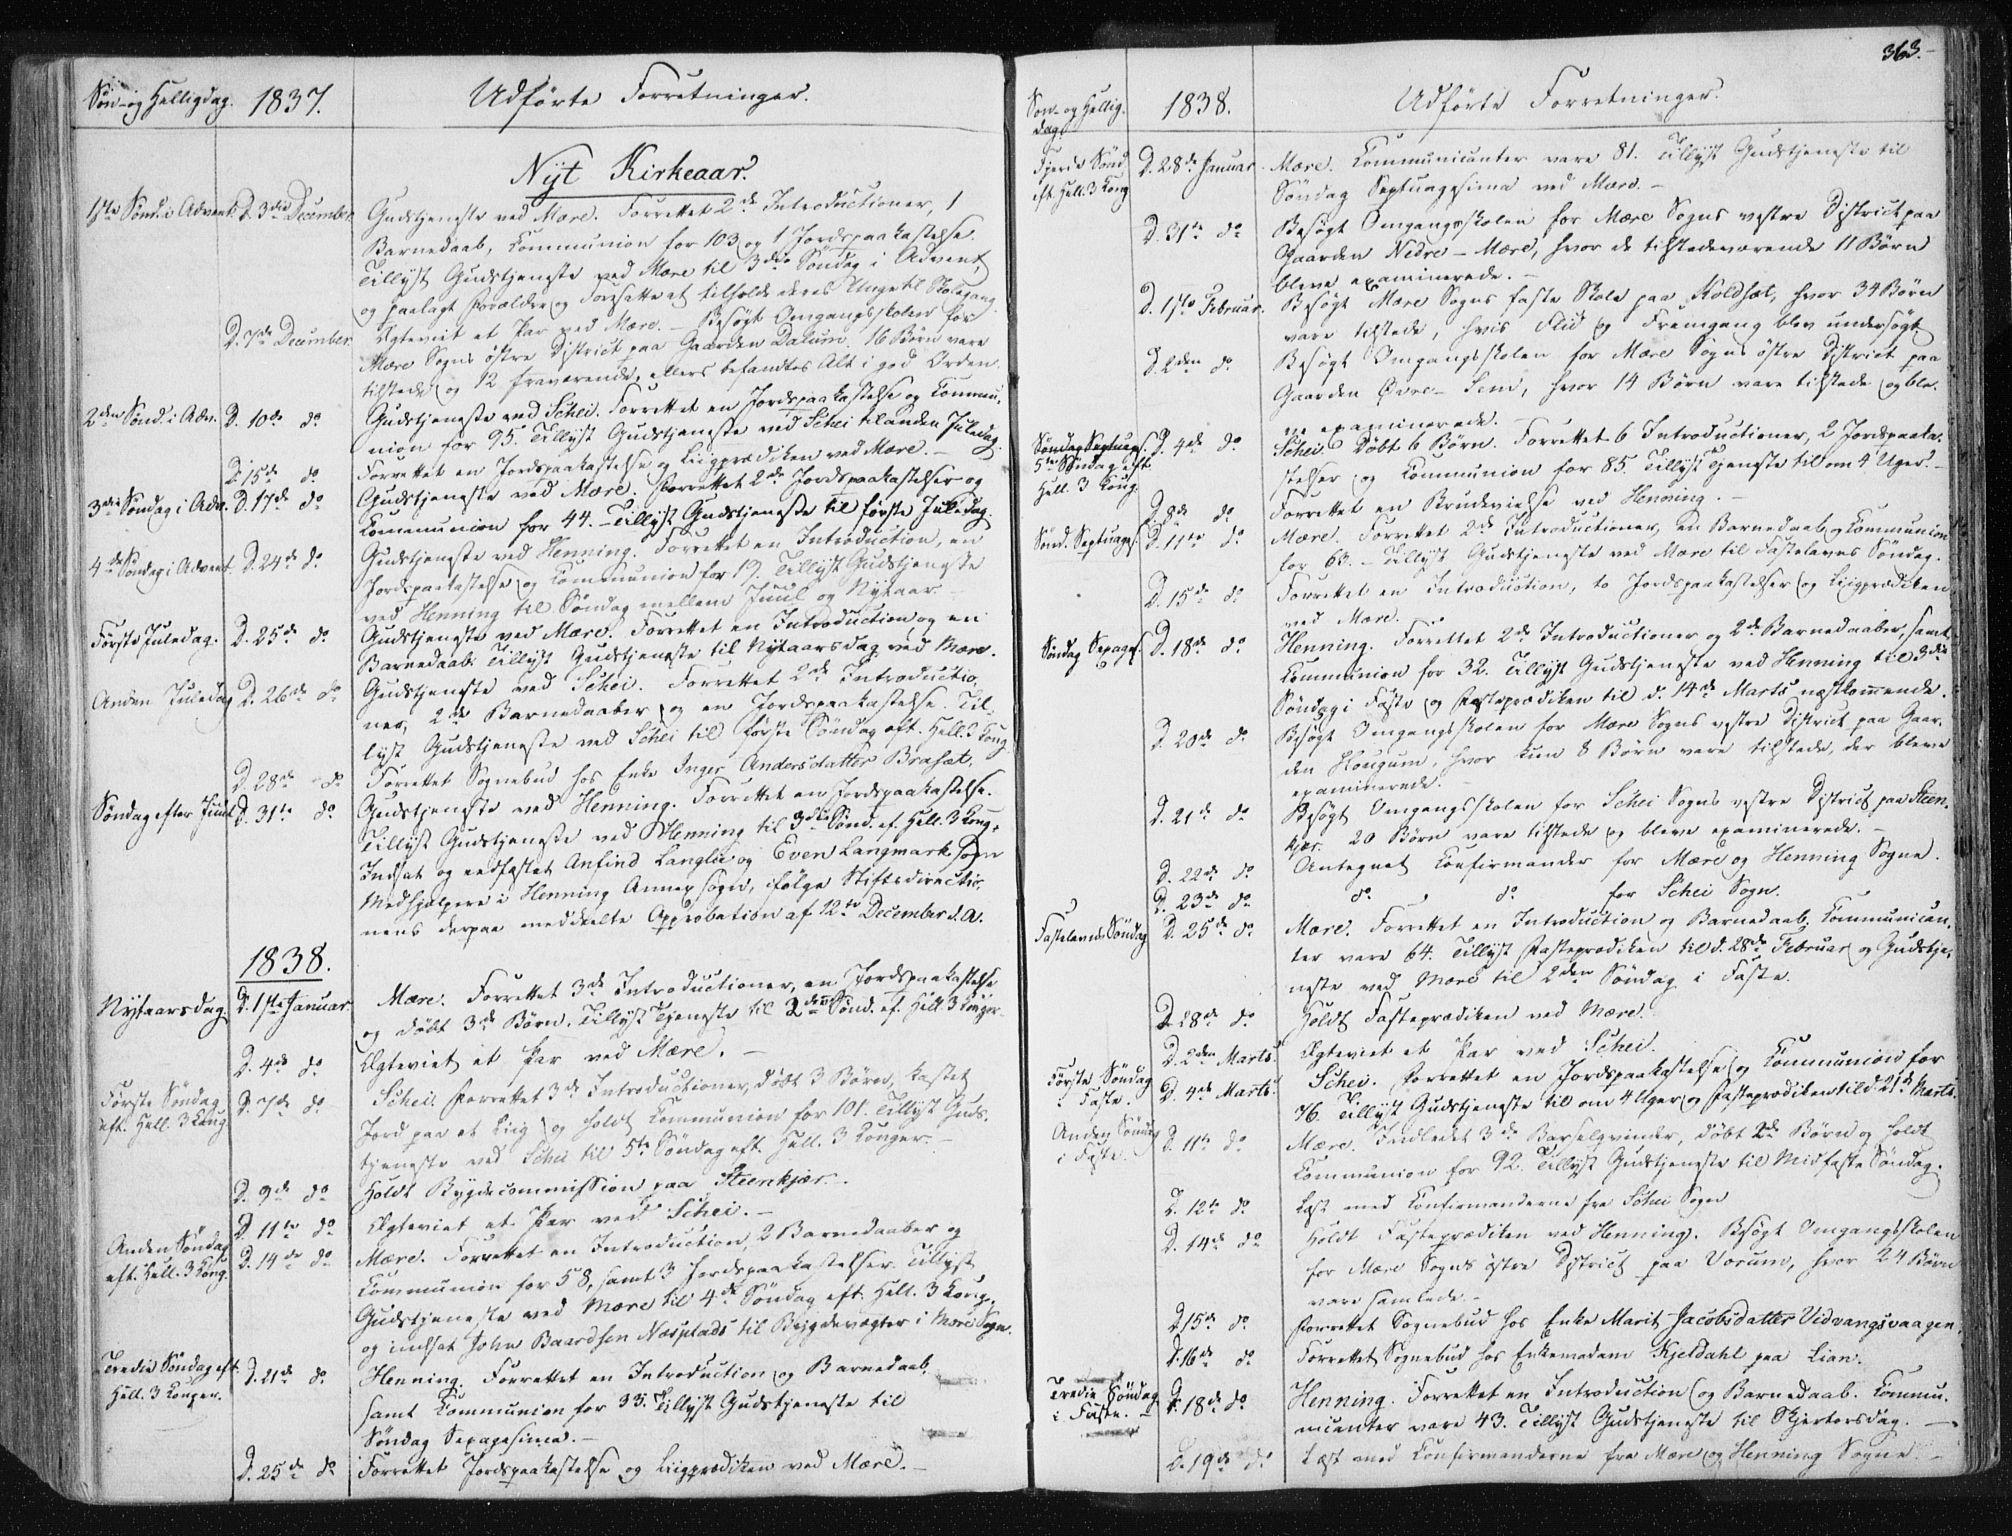 SAT, Ministerialprotokoller, klokkerbøker og fødselsregistre - Nord-Trøndelag, 735/L0339: Ministerialbok nr. 735A06 /1, 1836-1848, s. 363